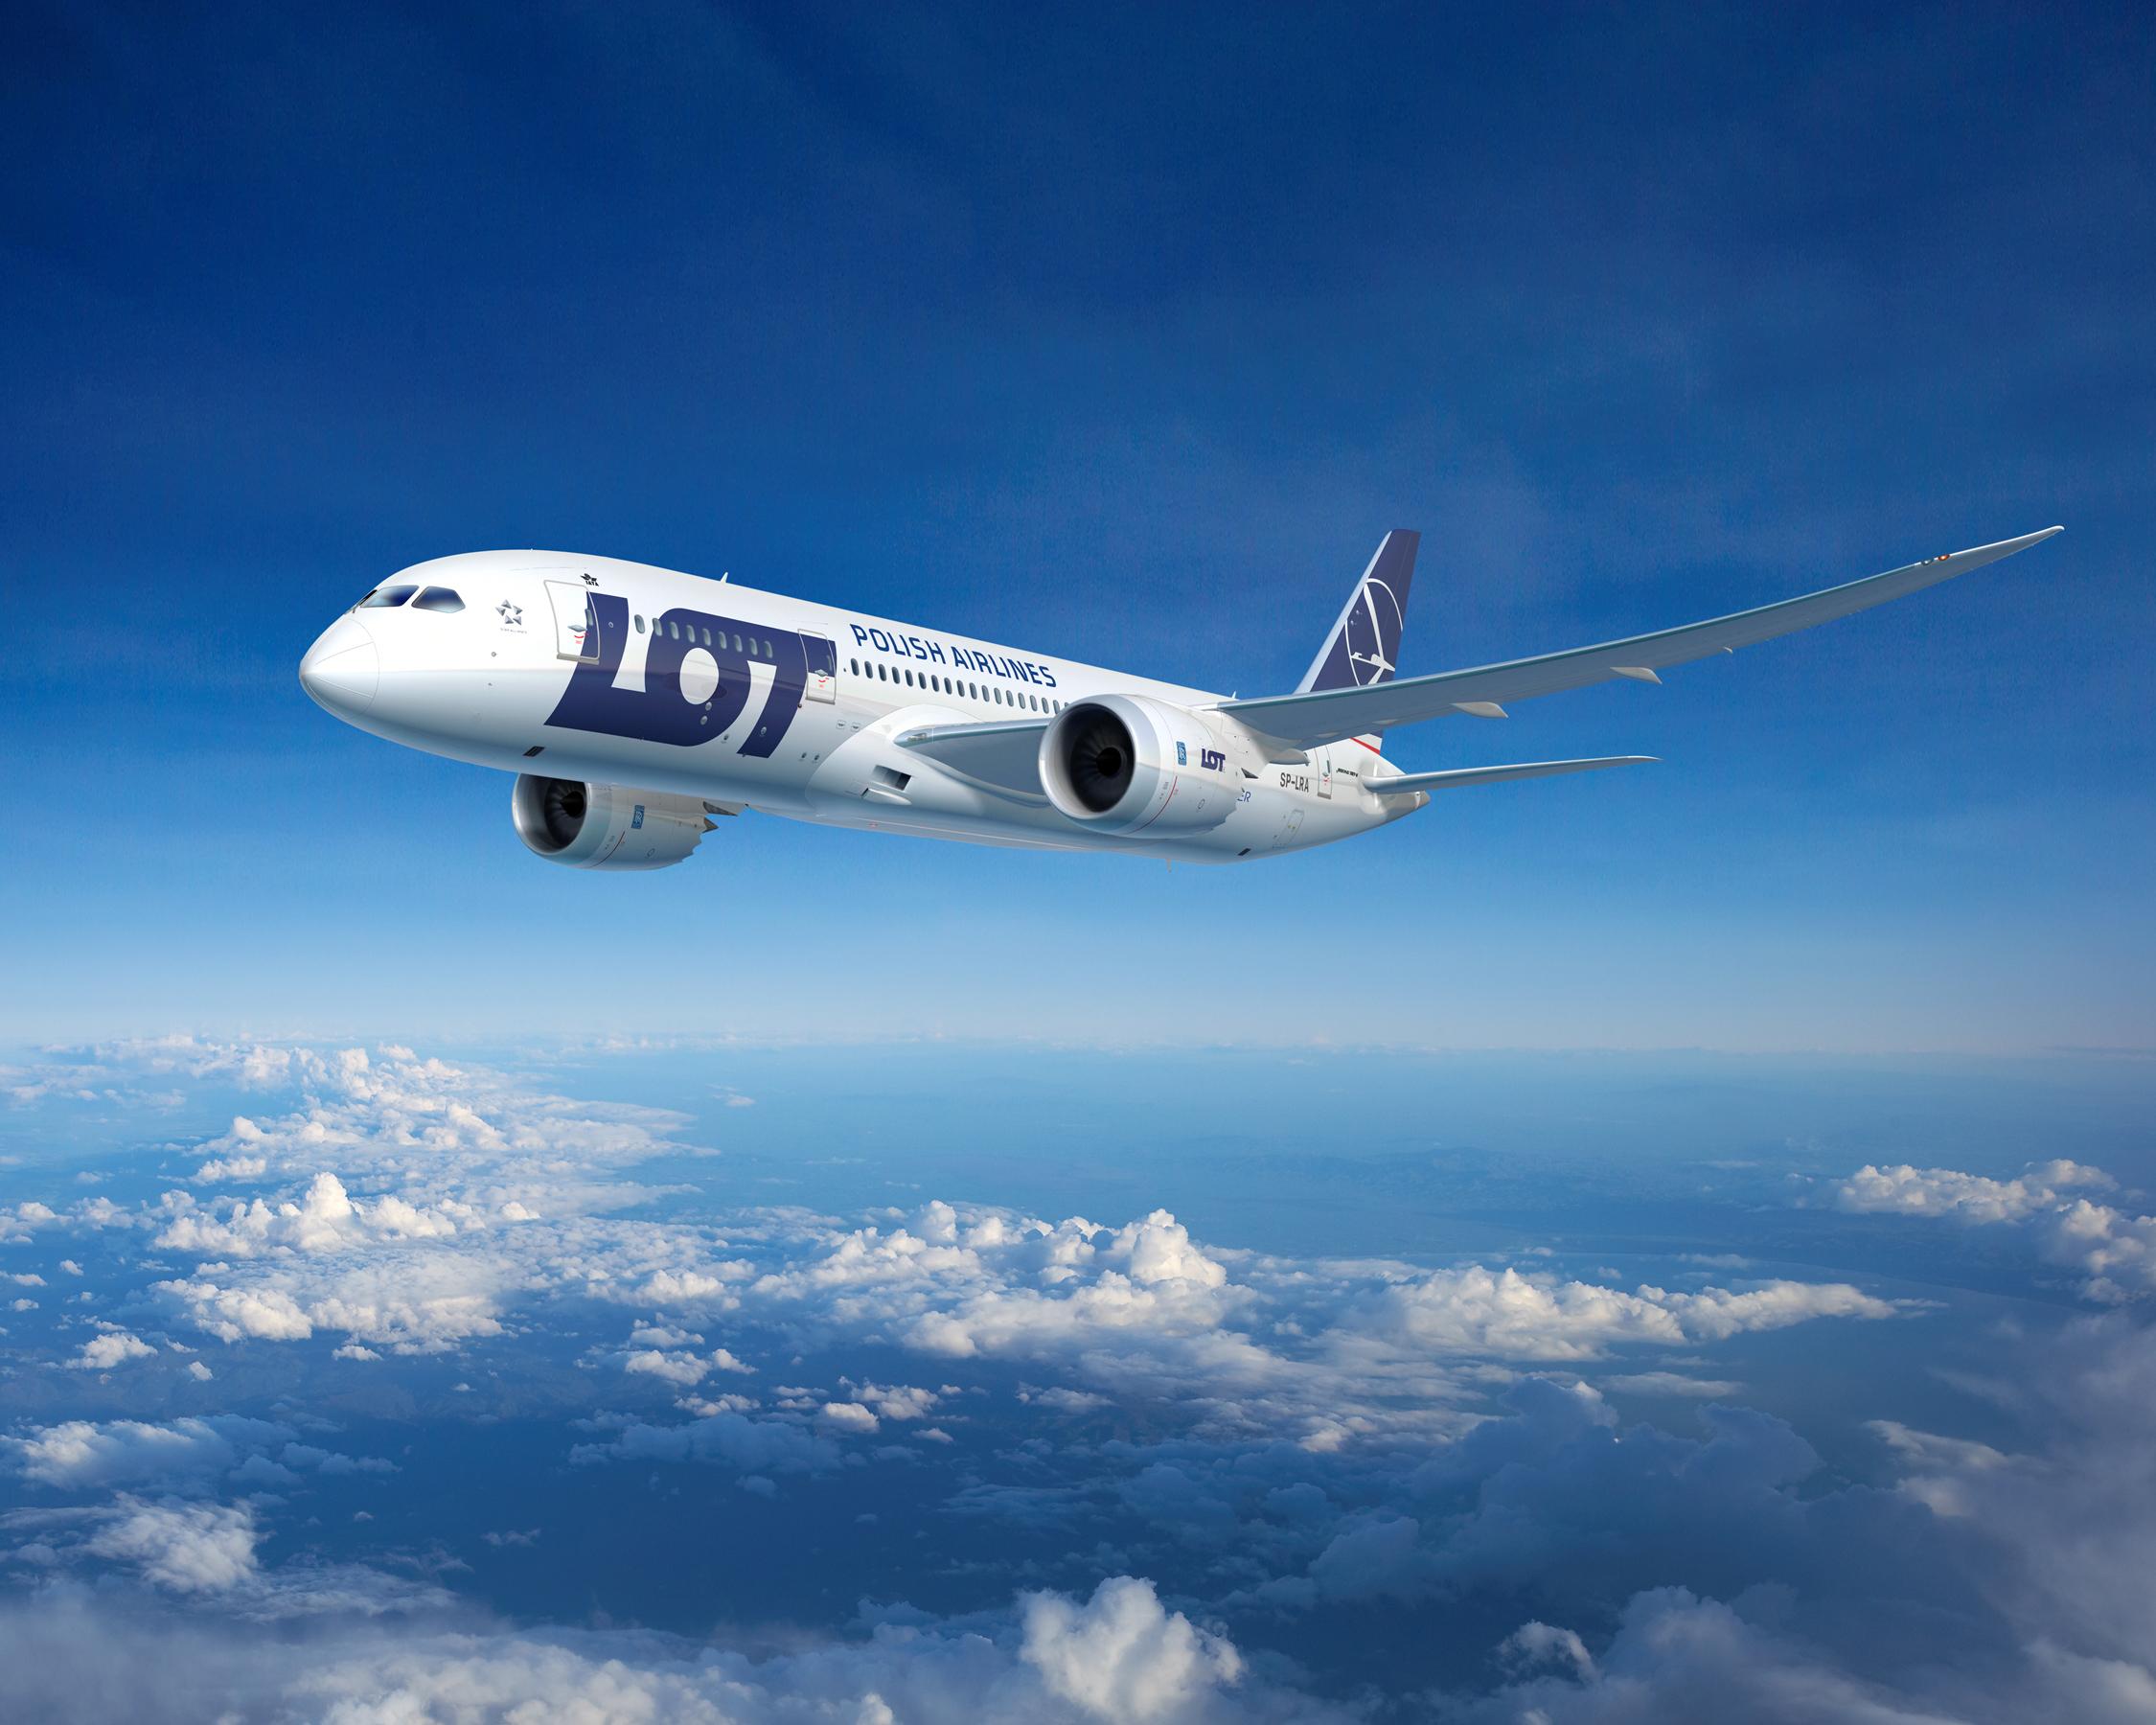 LOT samolotem Boeing 787-8 Dreamliner z Warszawy do Katowic!